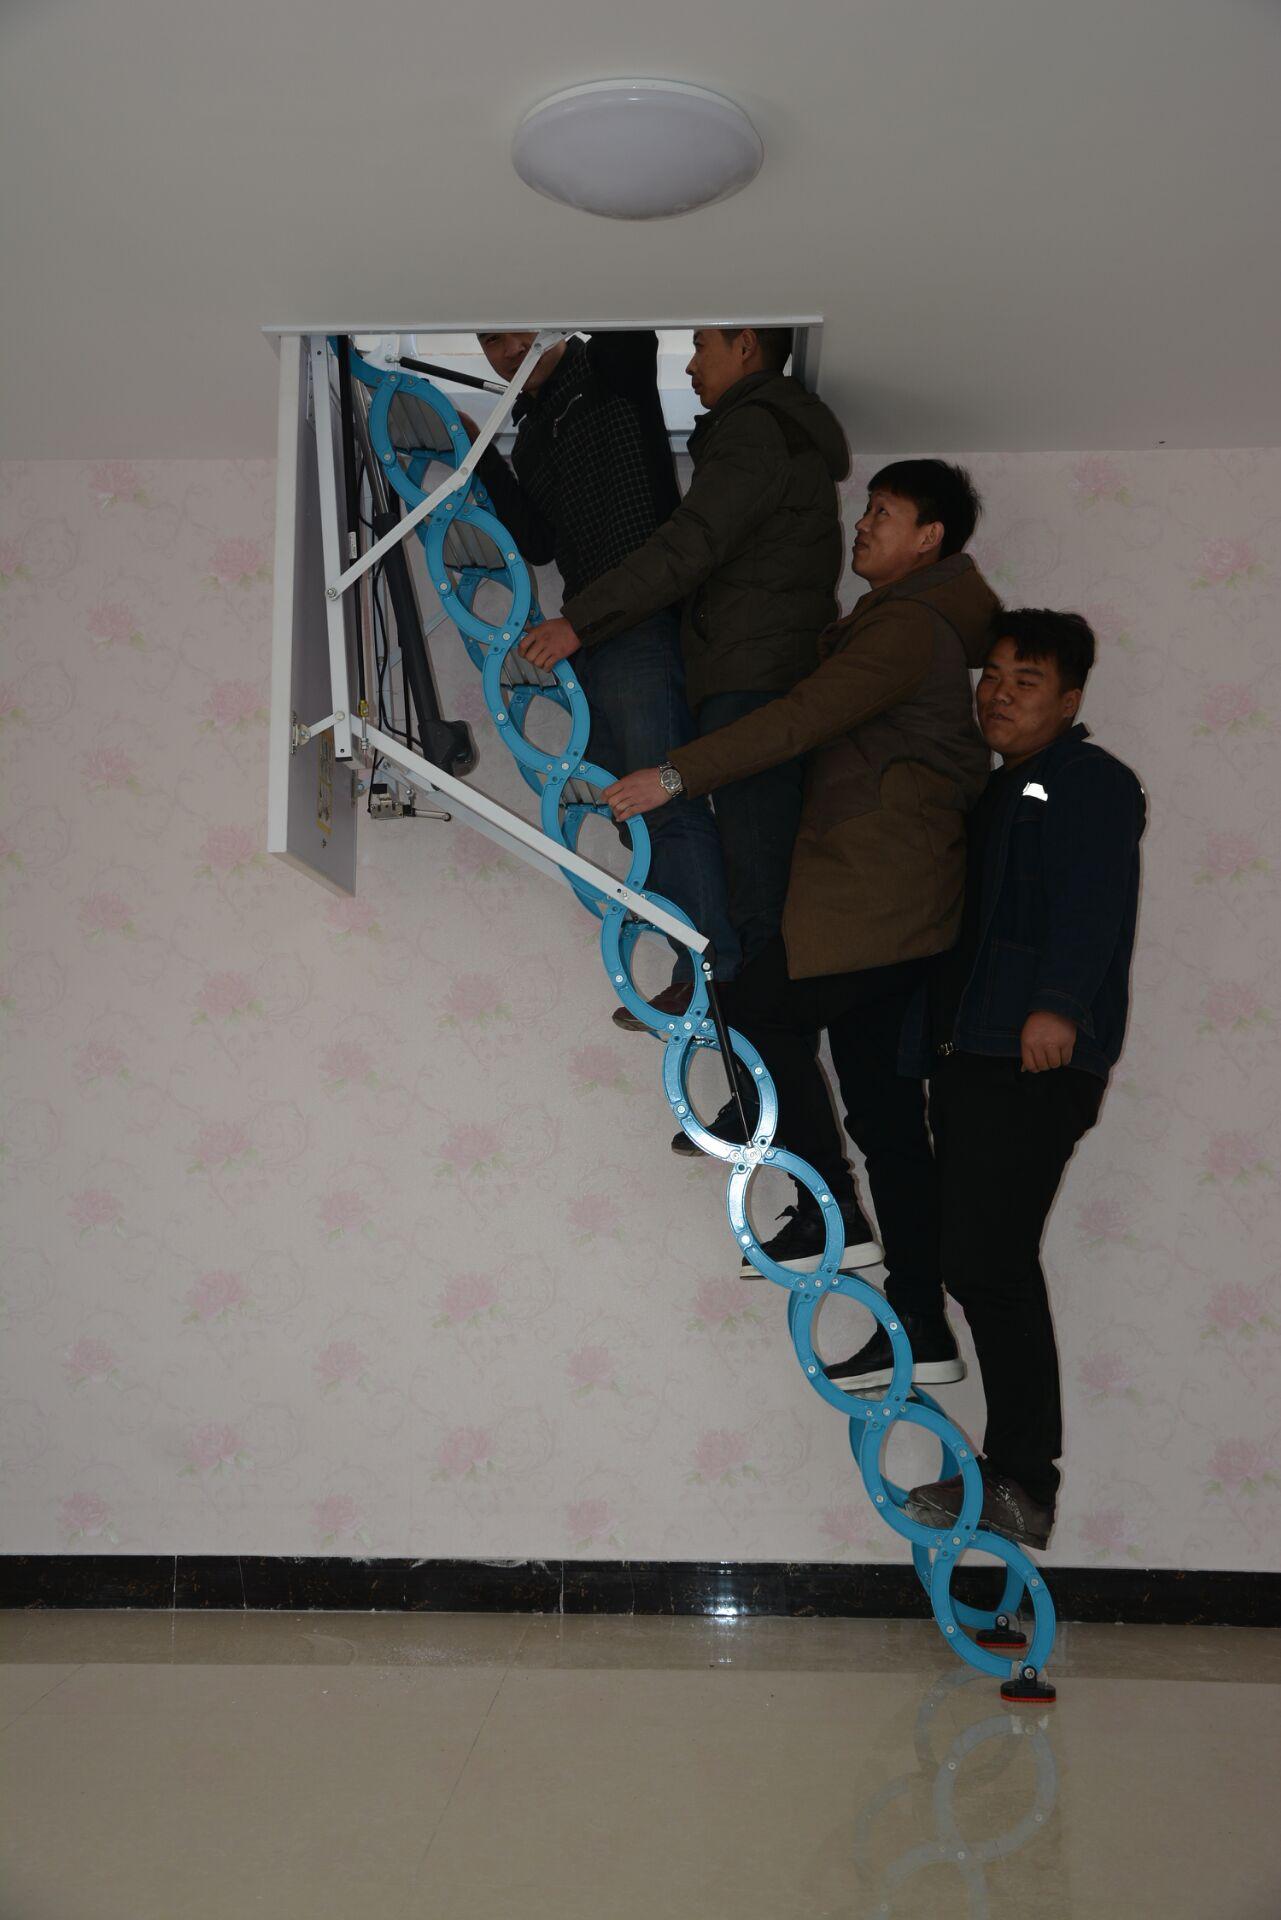 酒泉閣樓樓梯折疊樓梯伸縮樓梯哪家好